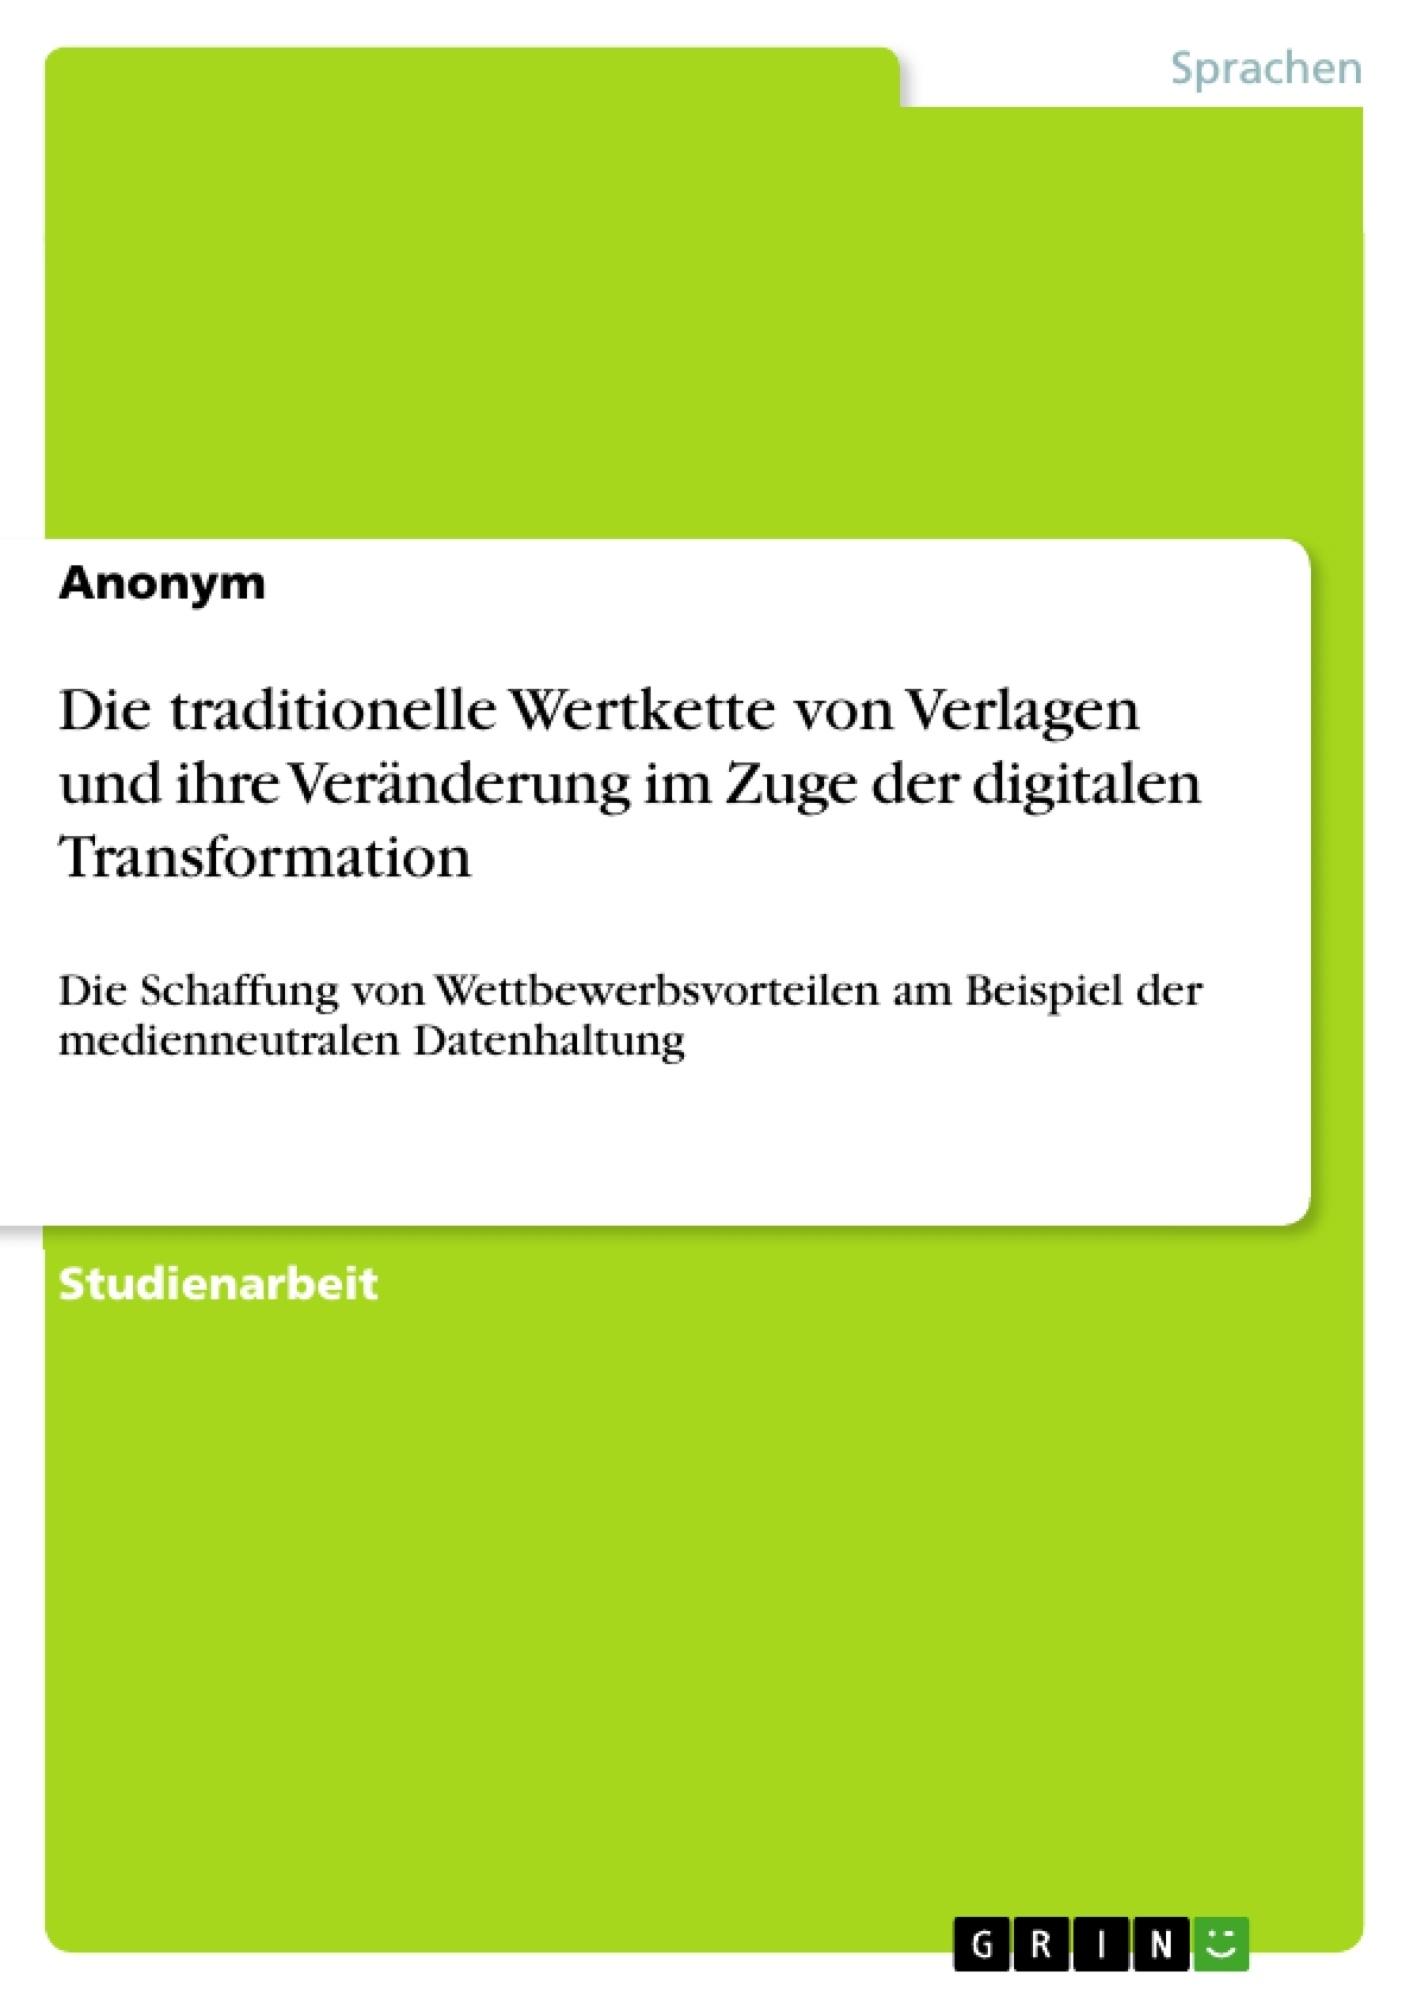 Titel: Die traditionelle Wertkette von Verlagen und ihre Veränderung im Zuge der digitalen Transformation